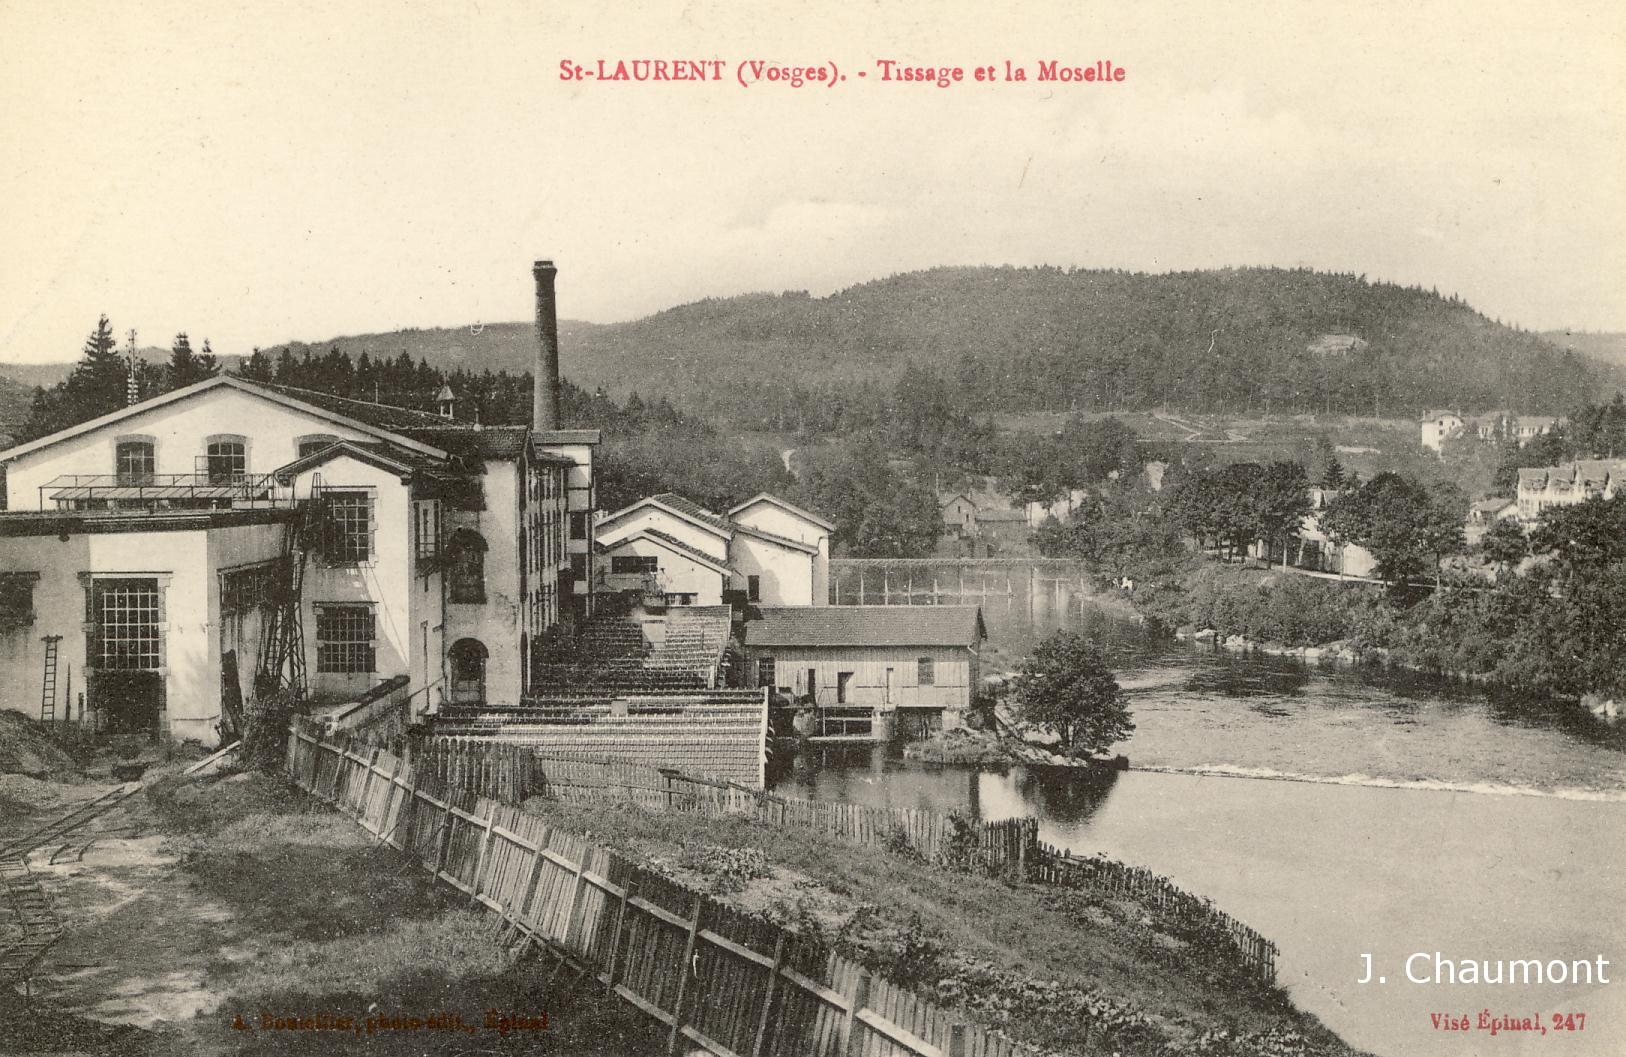 Le Tissage et la Moselle en 1917